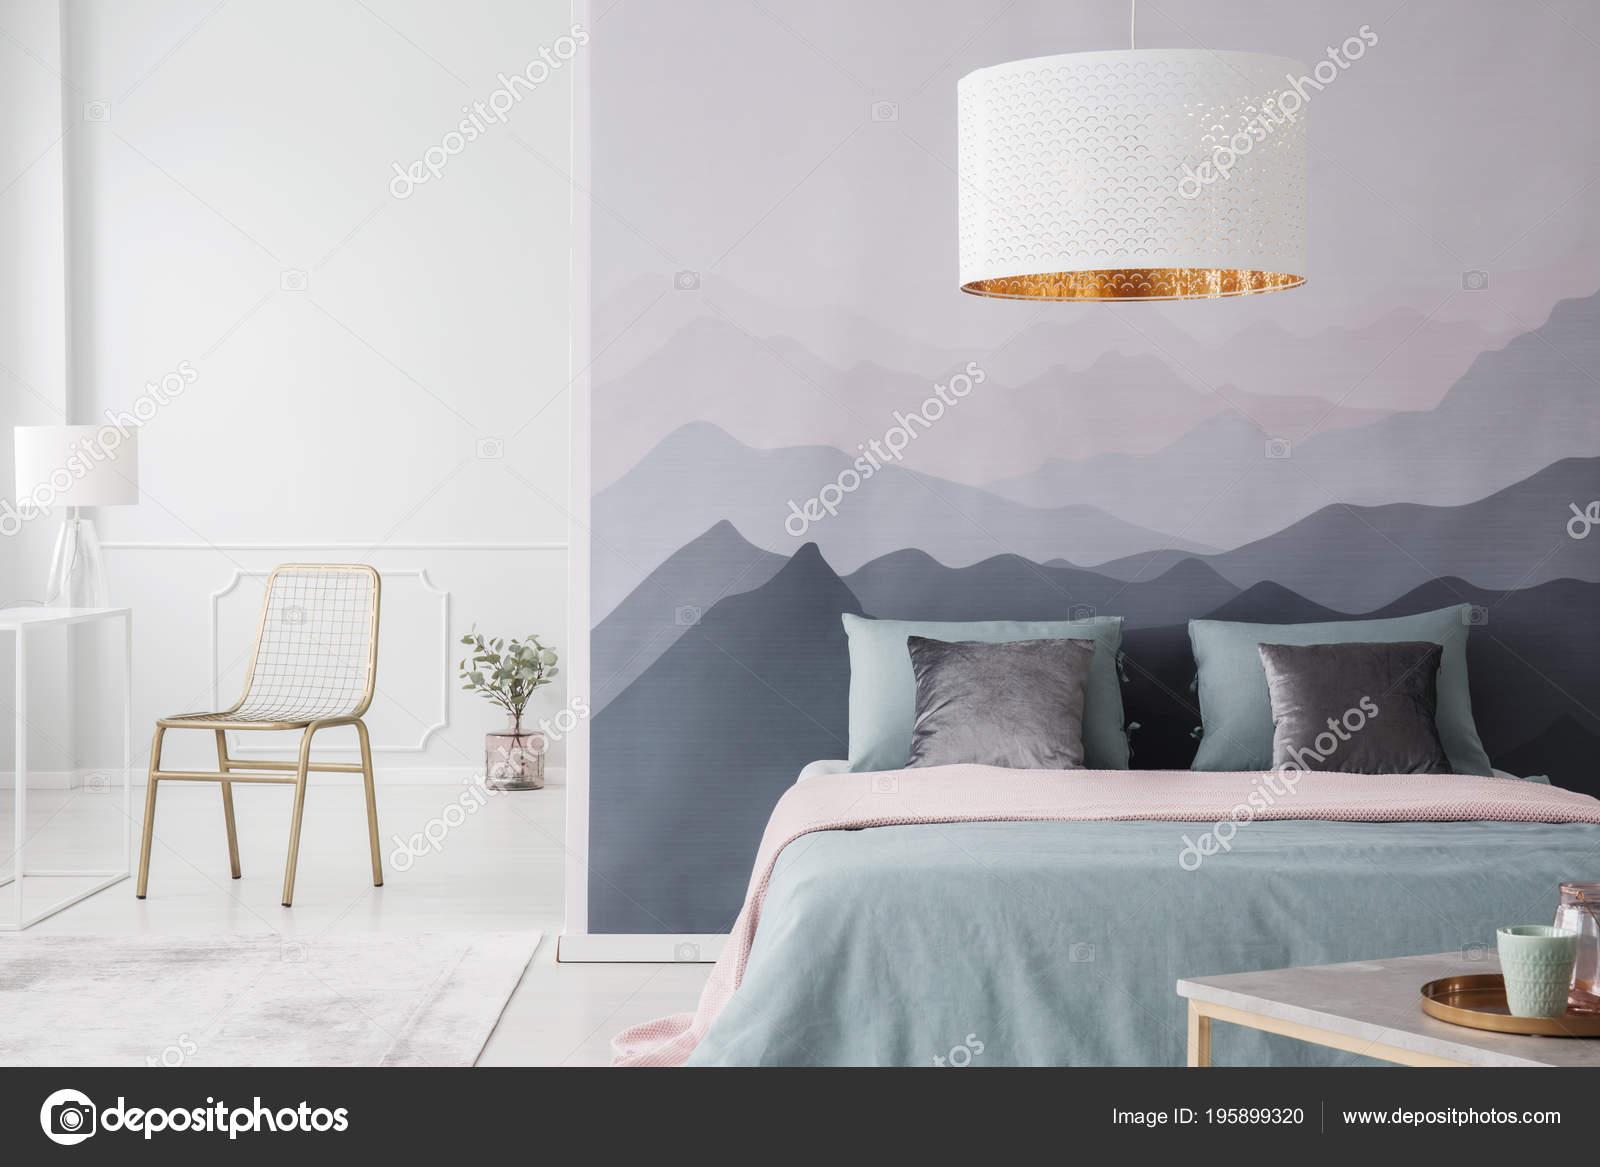 Slaapkamer Groen Wit : Wit licht boven roze groene bed ruime slaapkamer interieur met